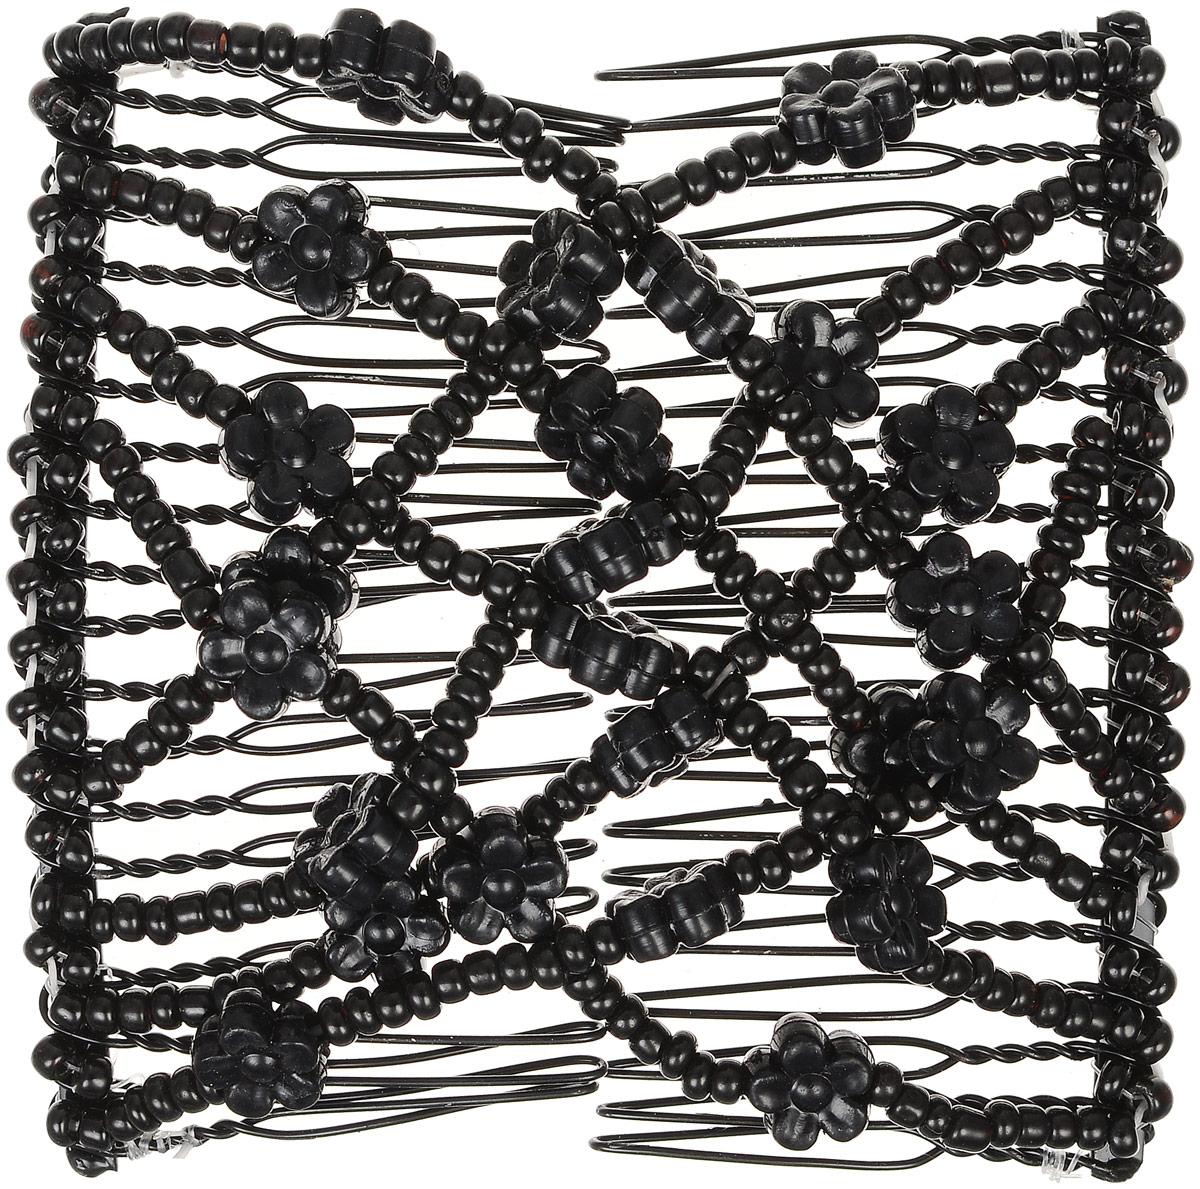 EZ-Combs Заколка Изи-Комбс, одинарная, цвет: черный. ЗИО_цветочки ЗИО_черный, цветочки